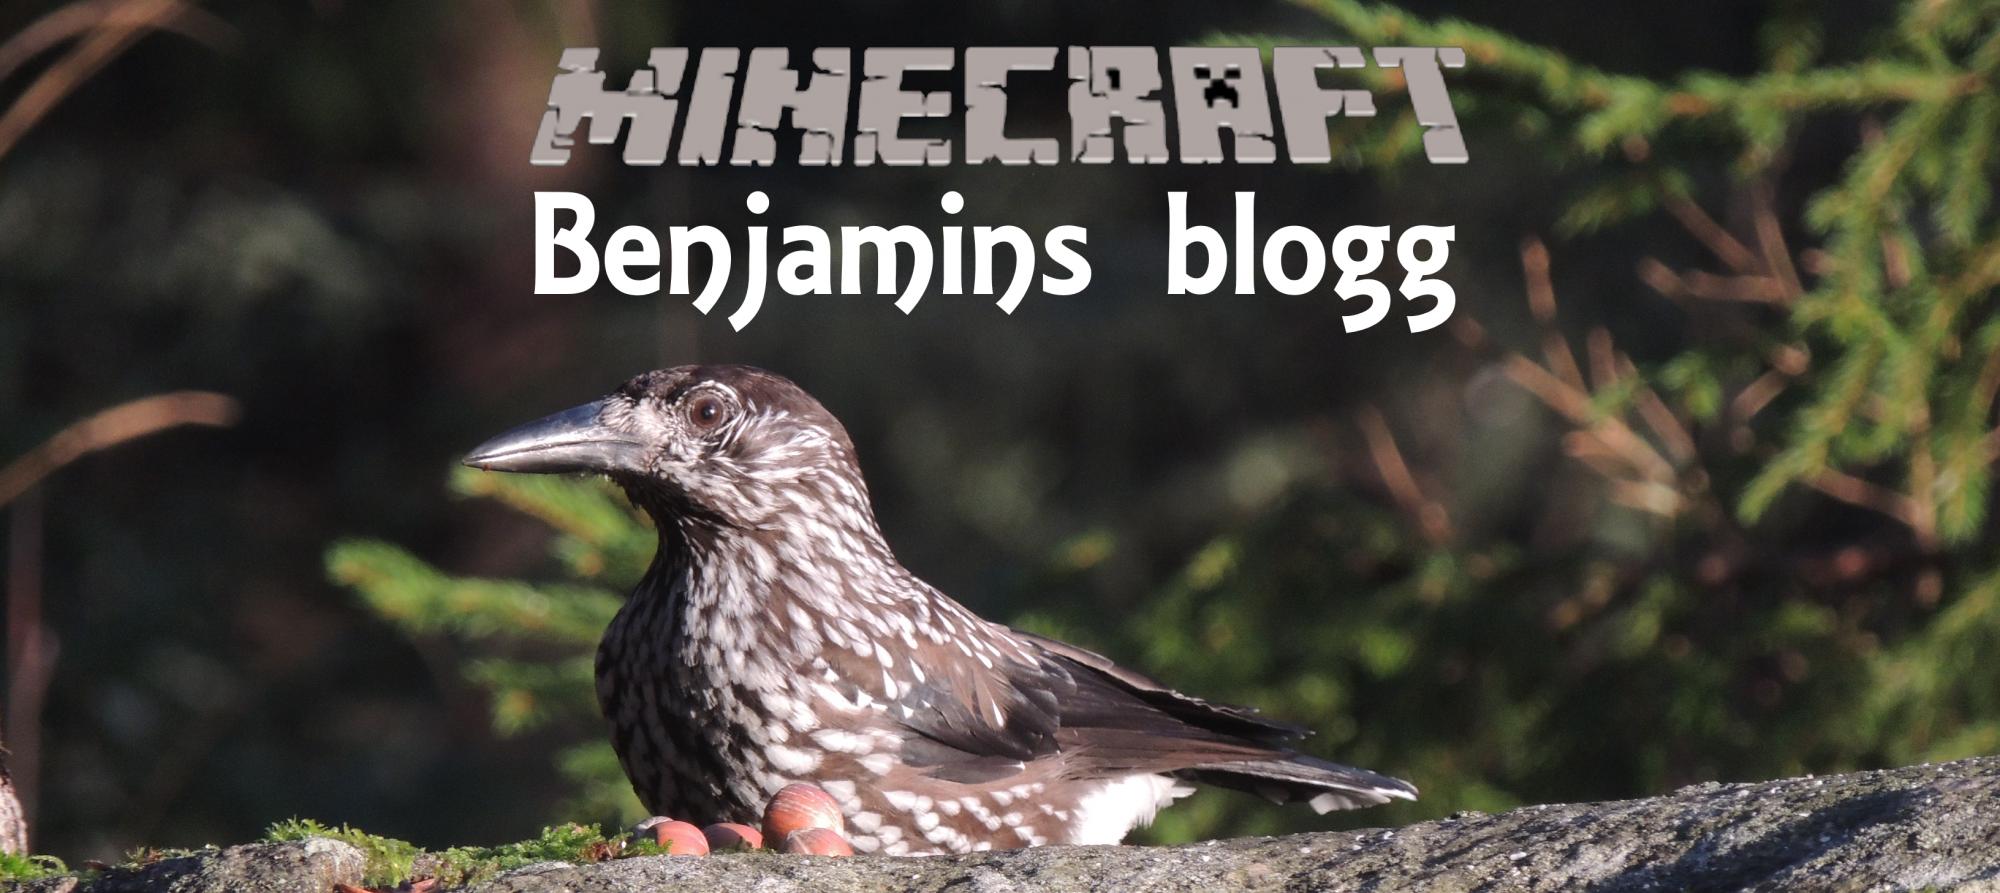 Benjamins blogg